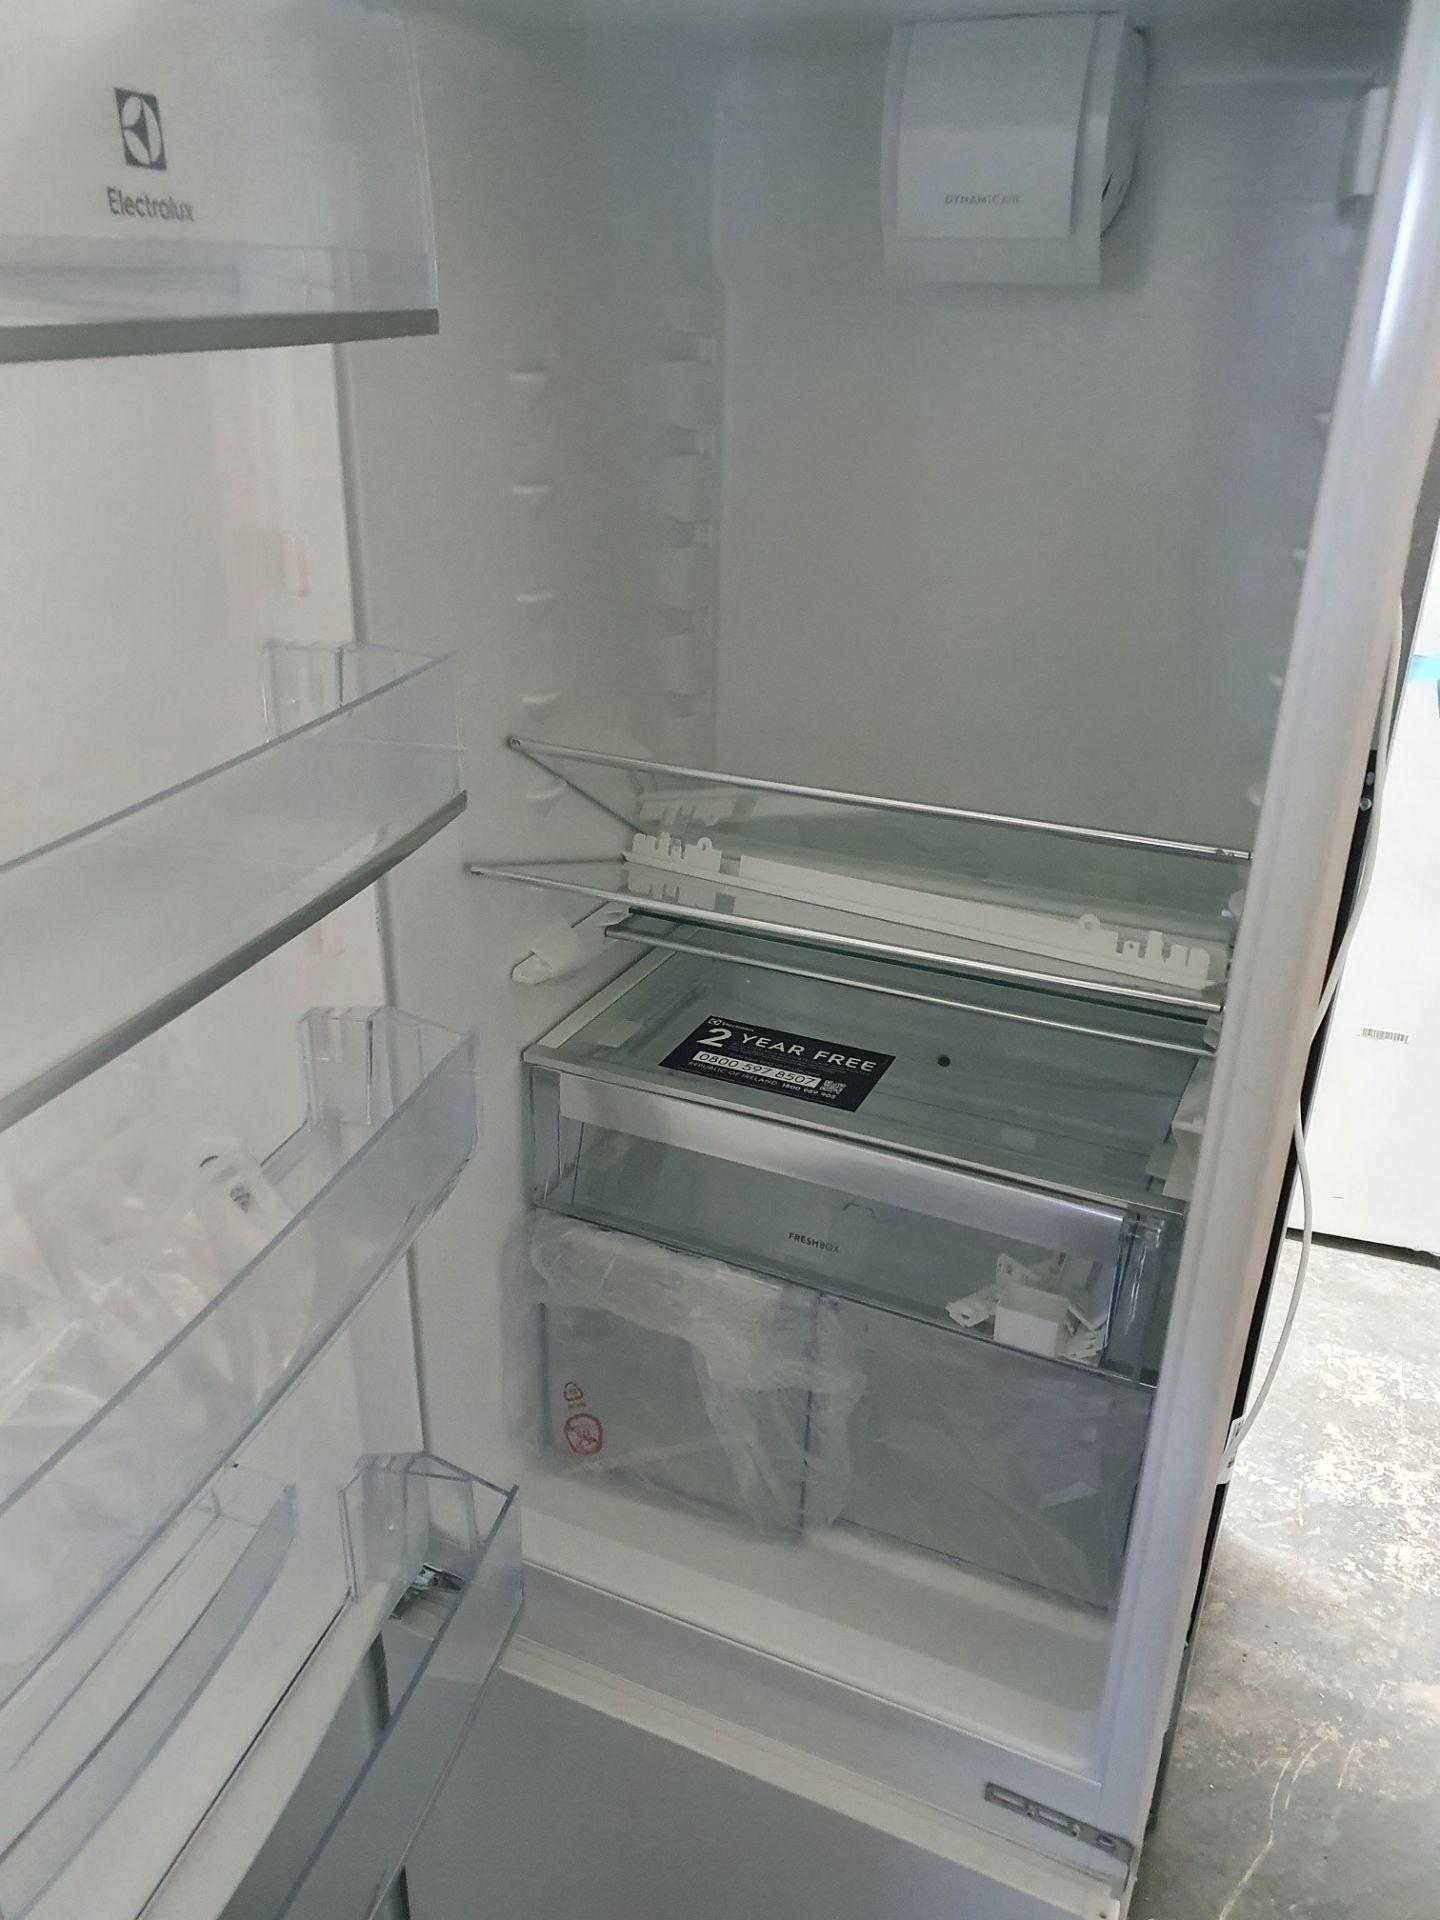 NEW/GRADED AND UNPACKAGED Electrolux ENN2801EOV Built-in 70:30 split Fridge Freezer (Brand new - Image 11 of 14